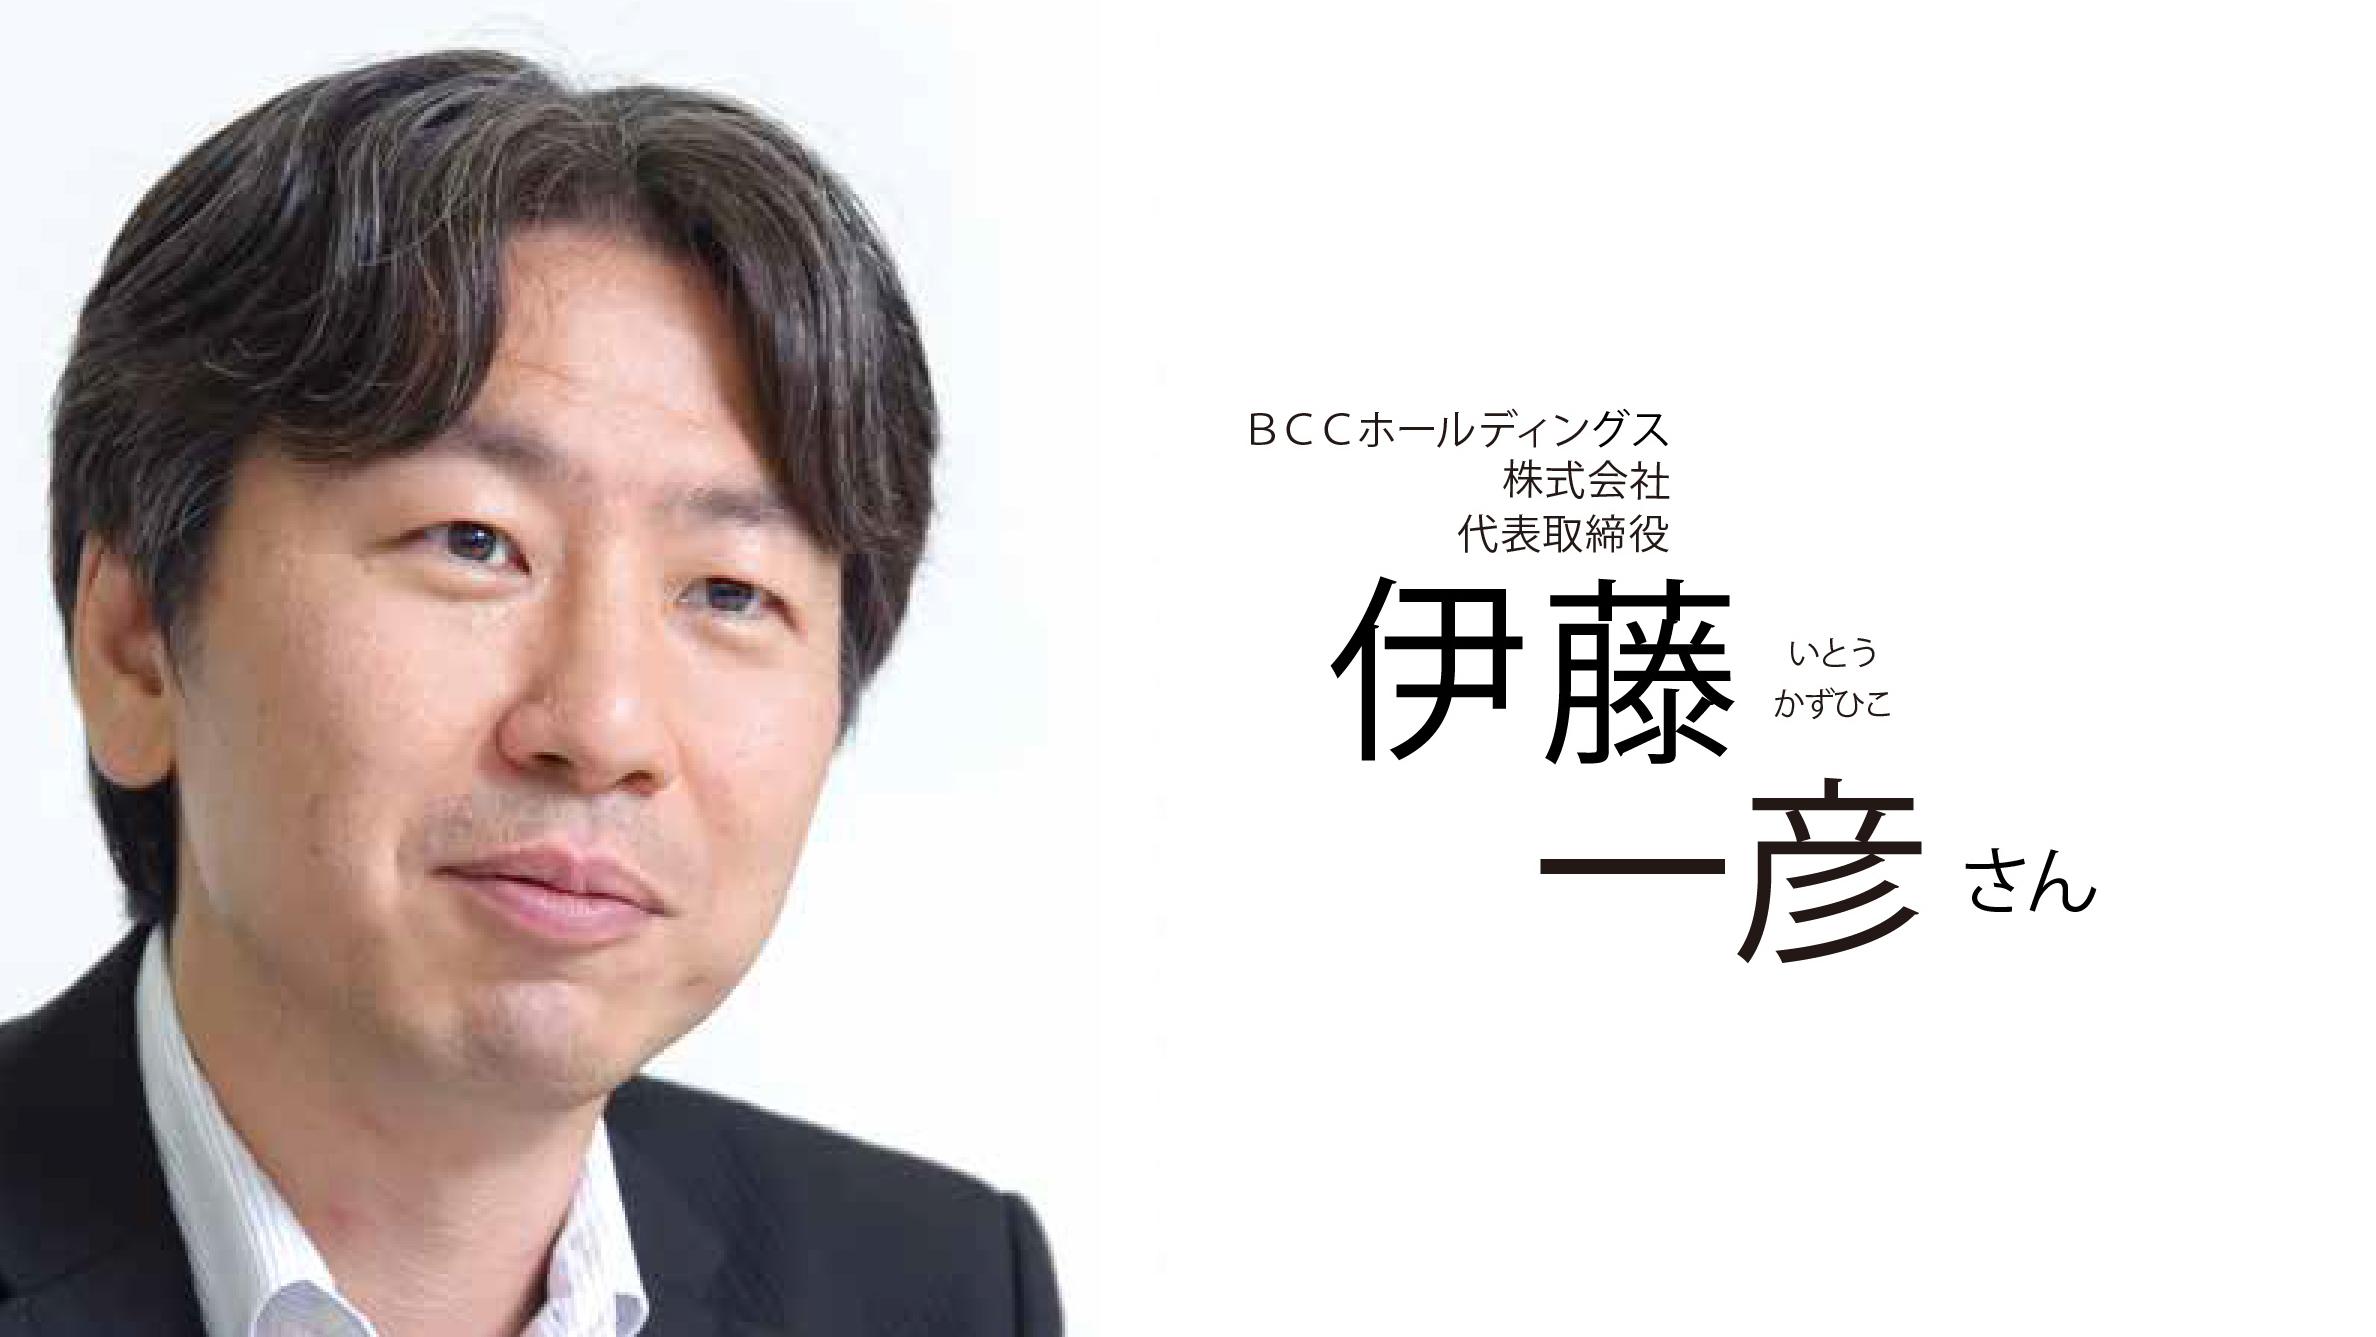 2014-07経営者134_BCCホールディングス_伊藤様②1